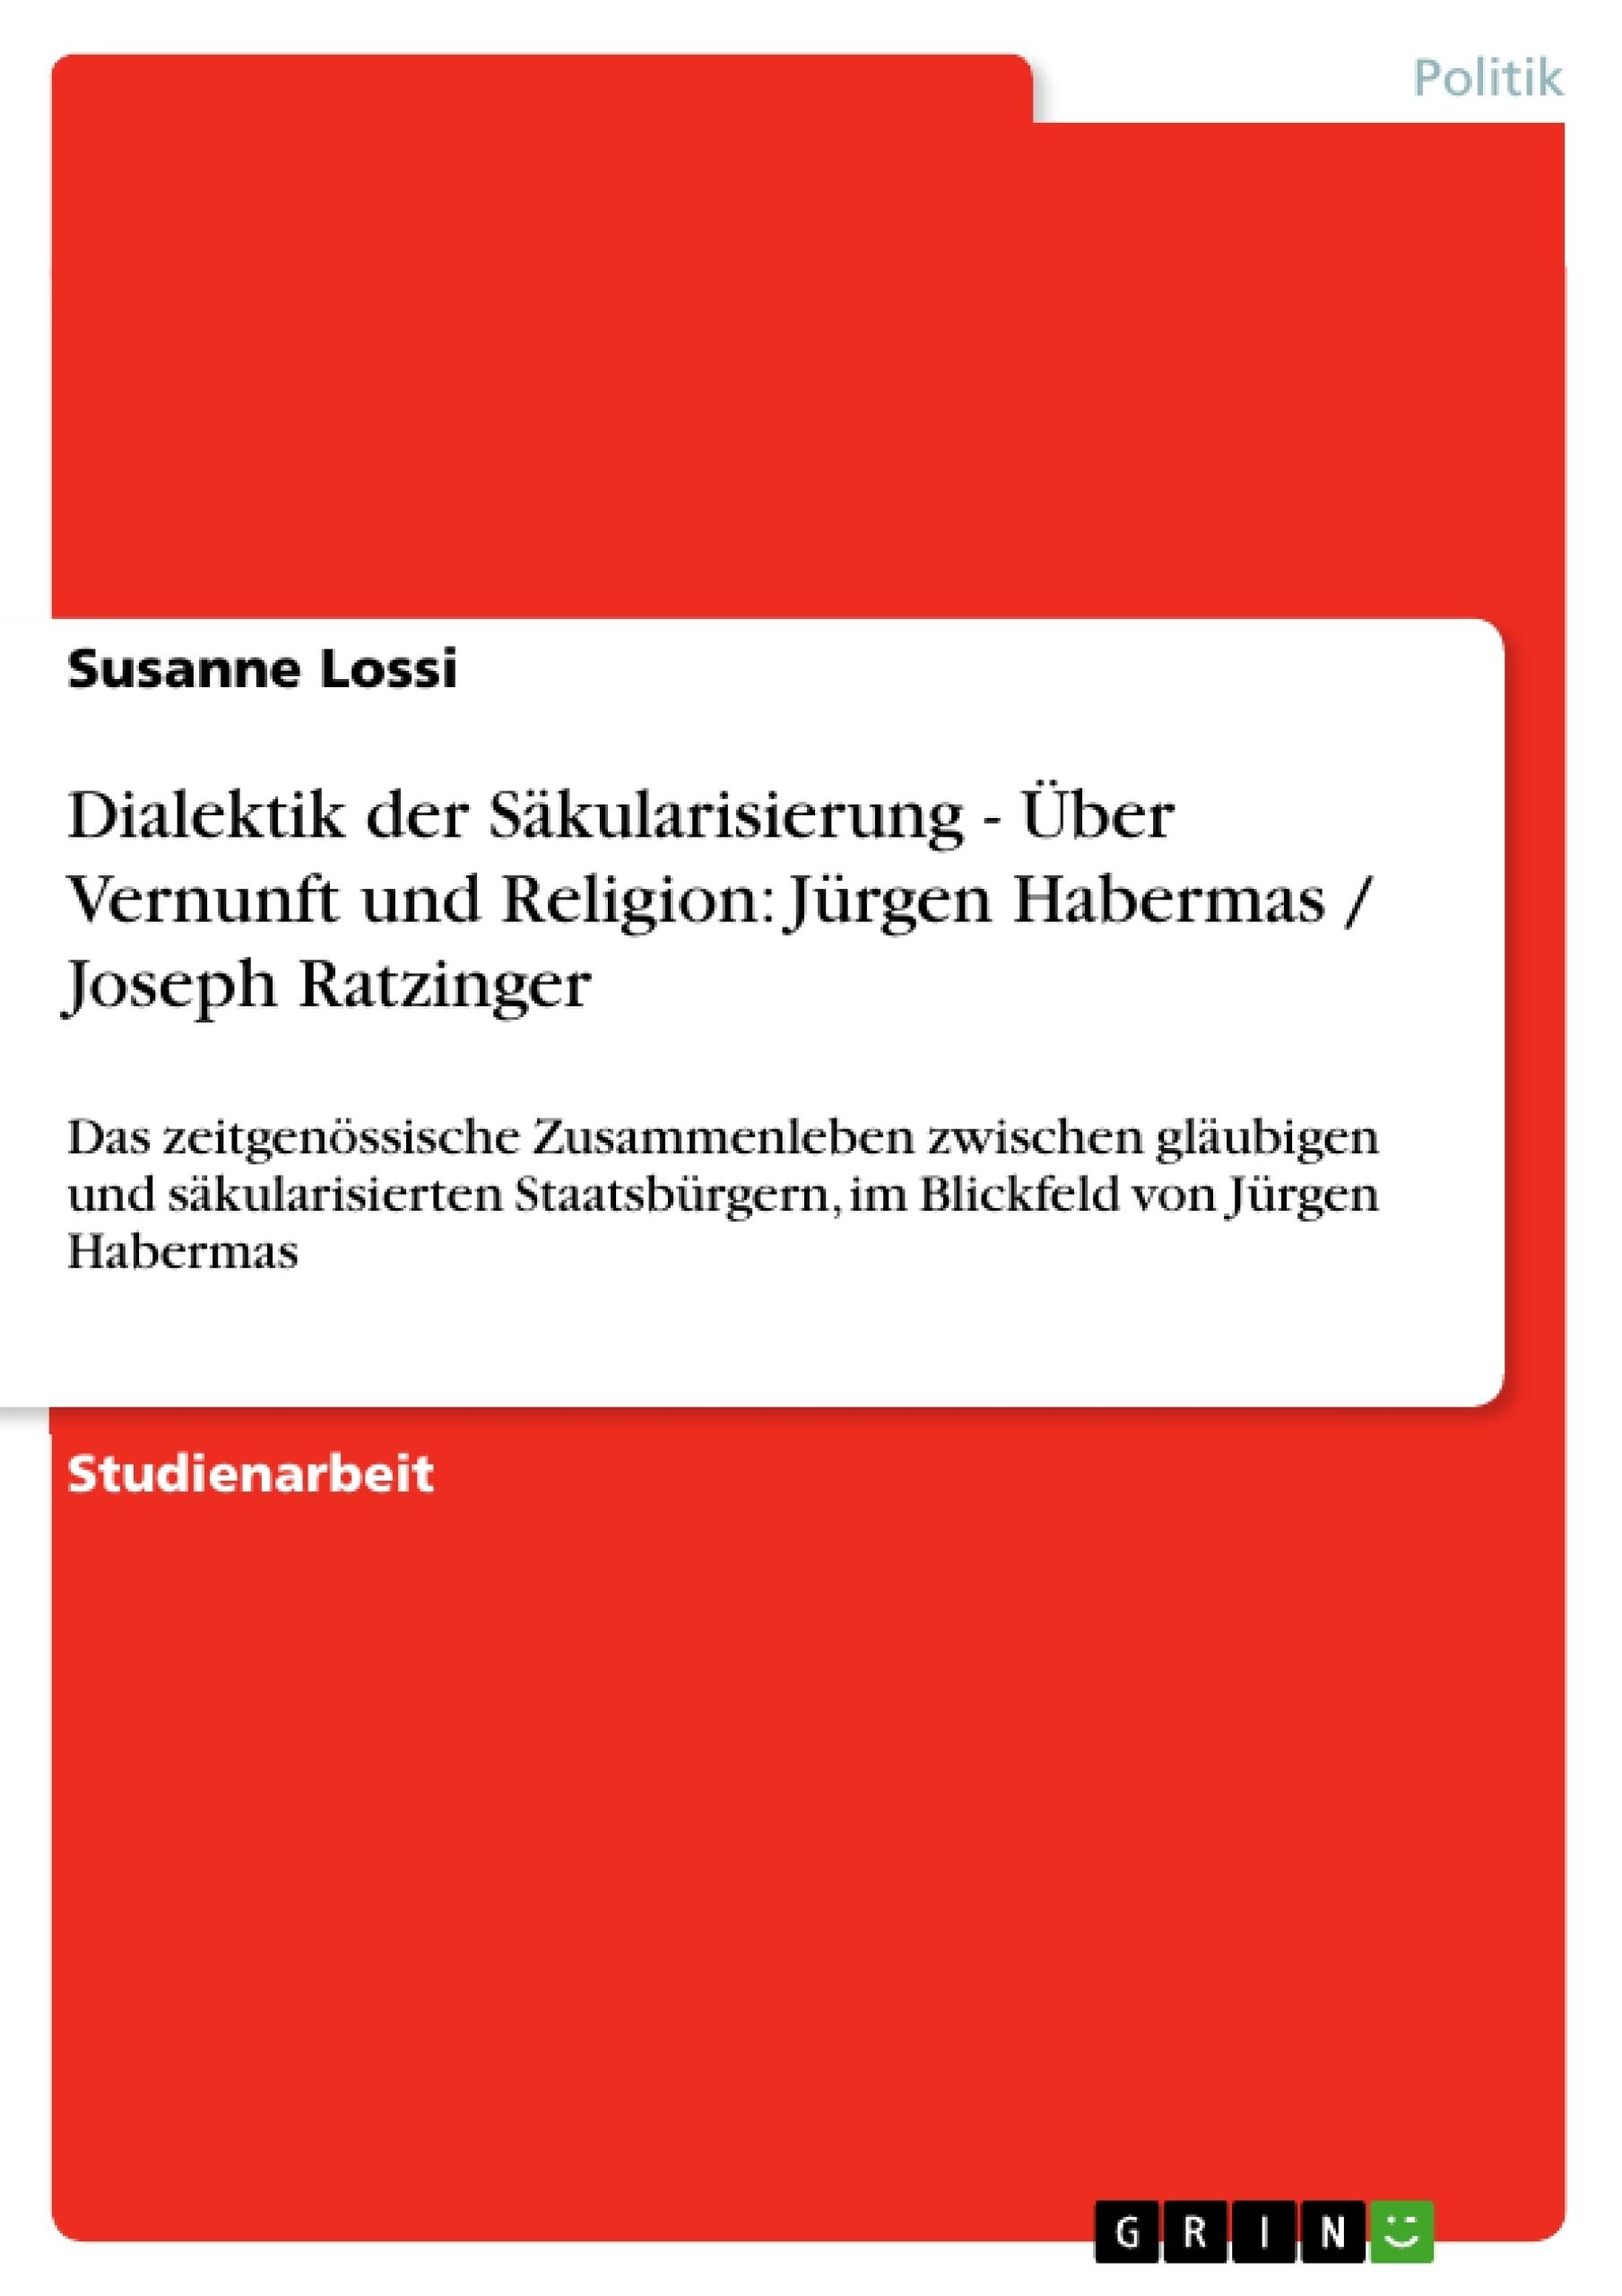 Titel: Dialektik der Säkularisierung - Über Vernunft und Religion: Jürgen Habermas / Joseph Ratzinger